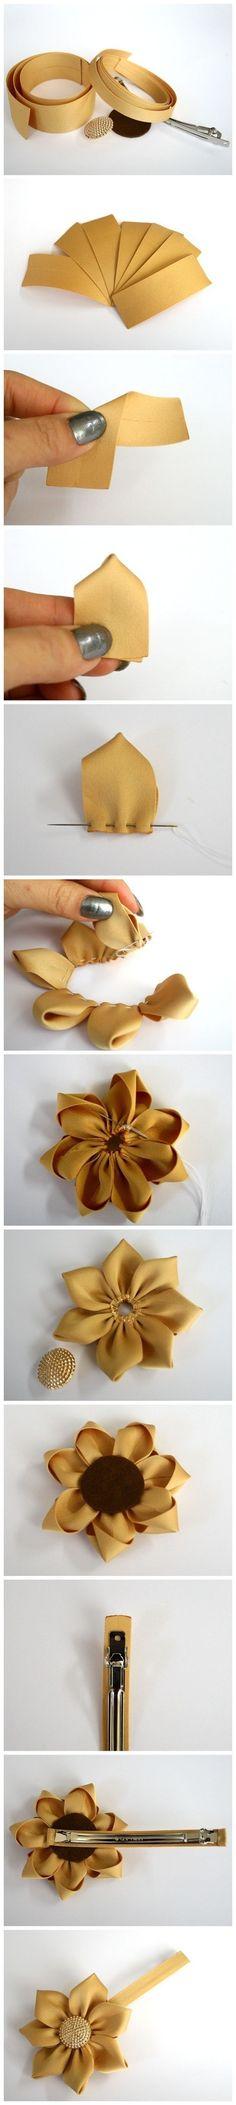 DIY Seven Petals Flower Hairpin DIY Seven Petals Flower Hairpin by diyforever